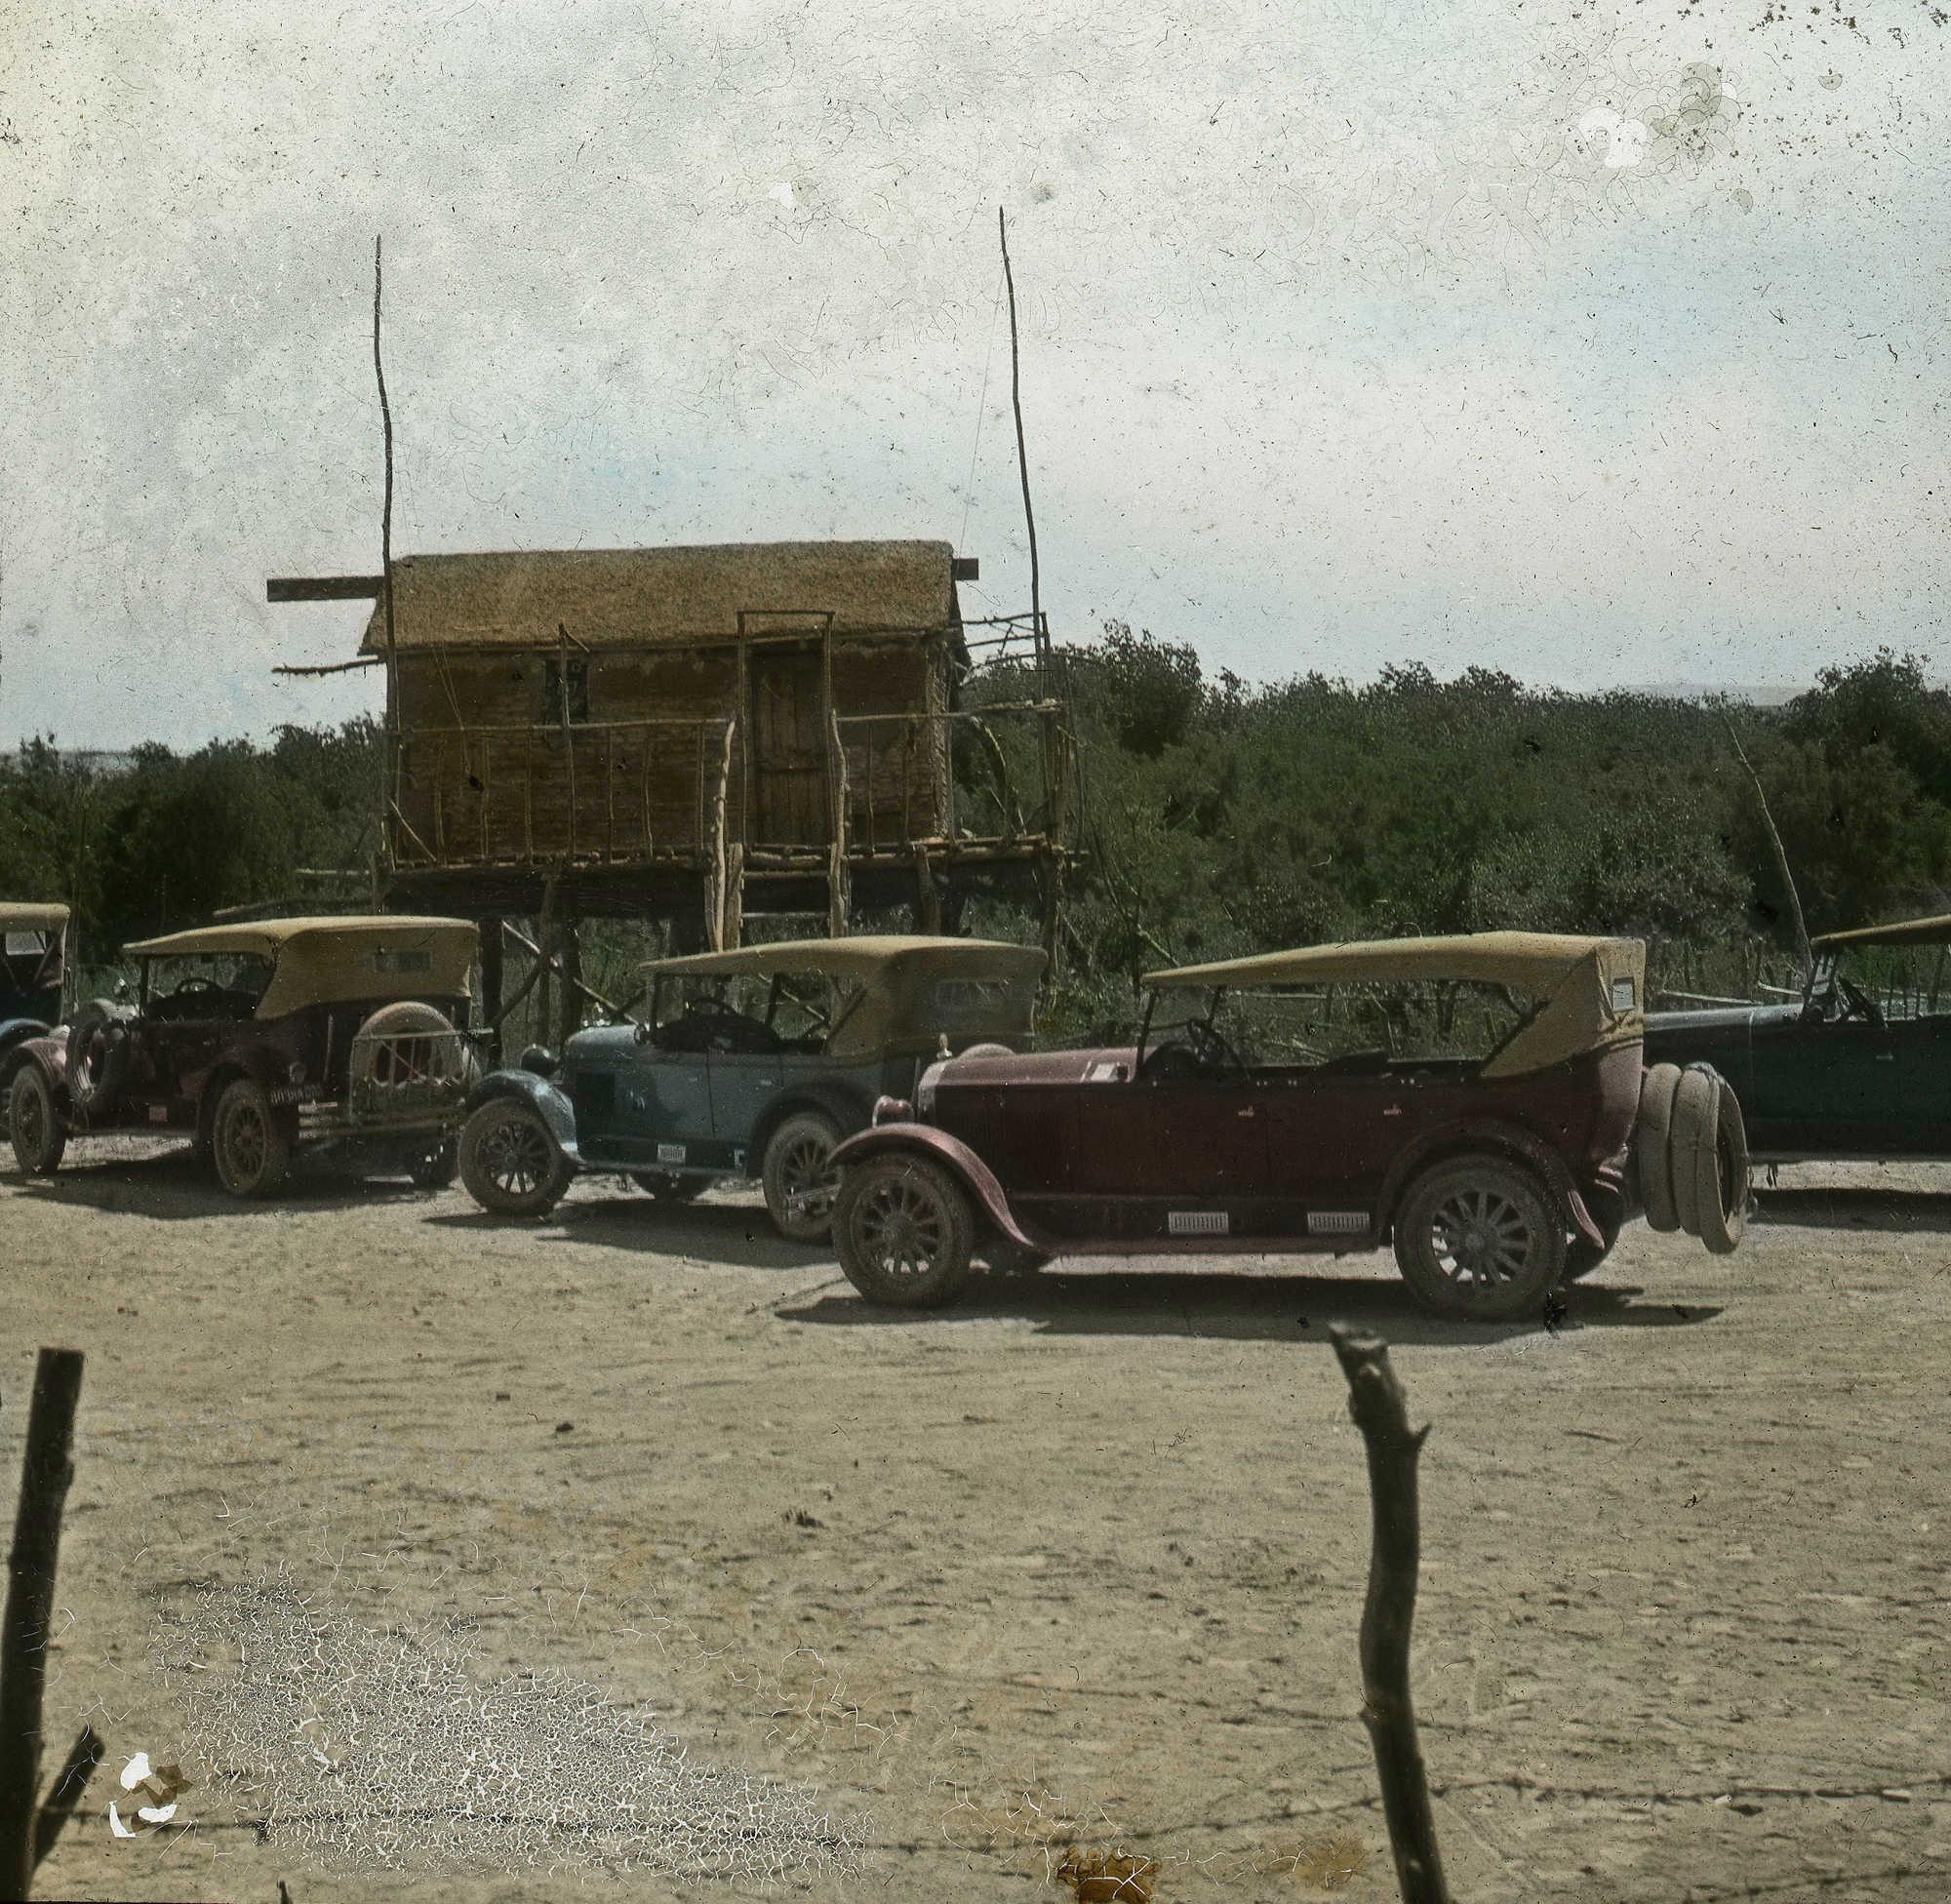 eine alte Farbfotografie: Man sieht mehrere altmodische Autos am Straßenrand geparkt